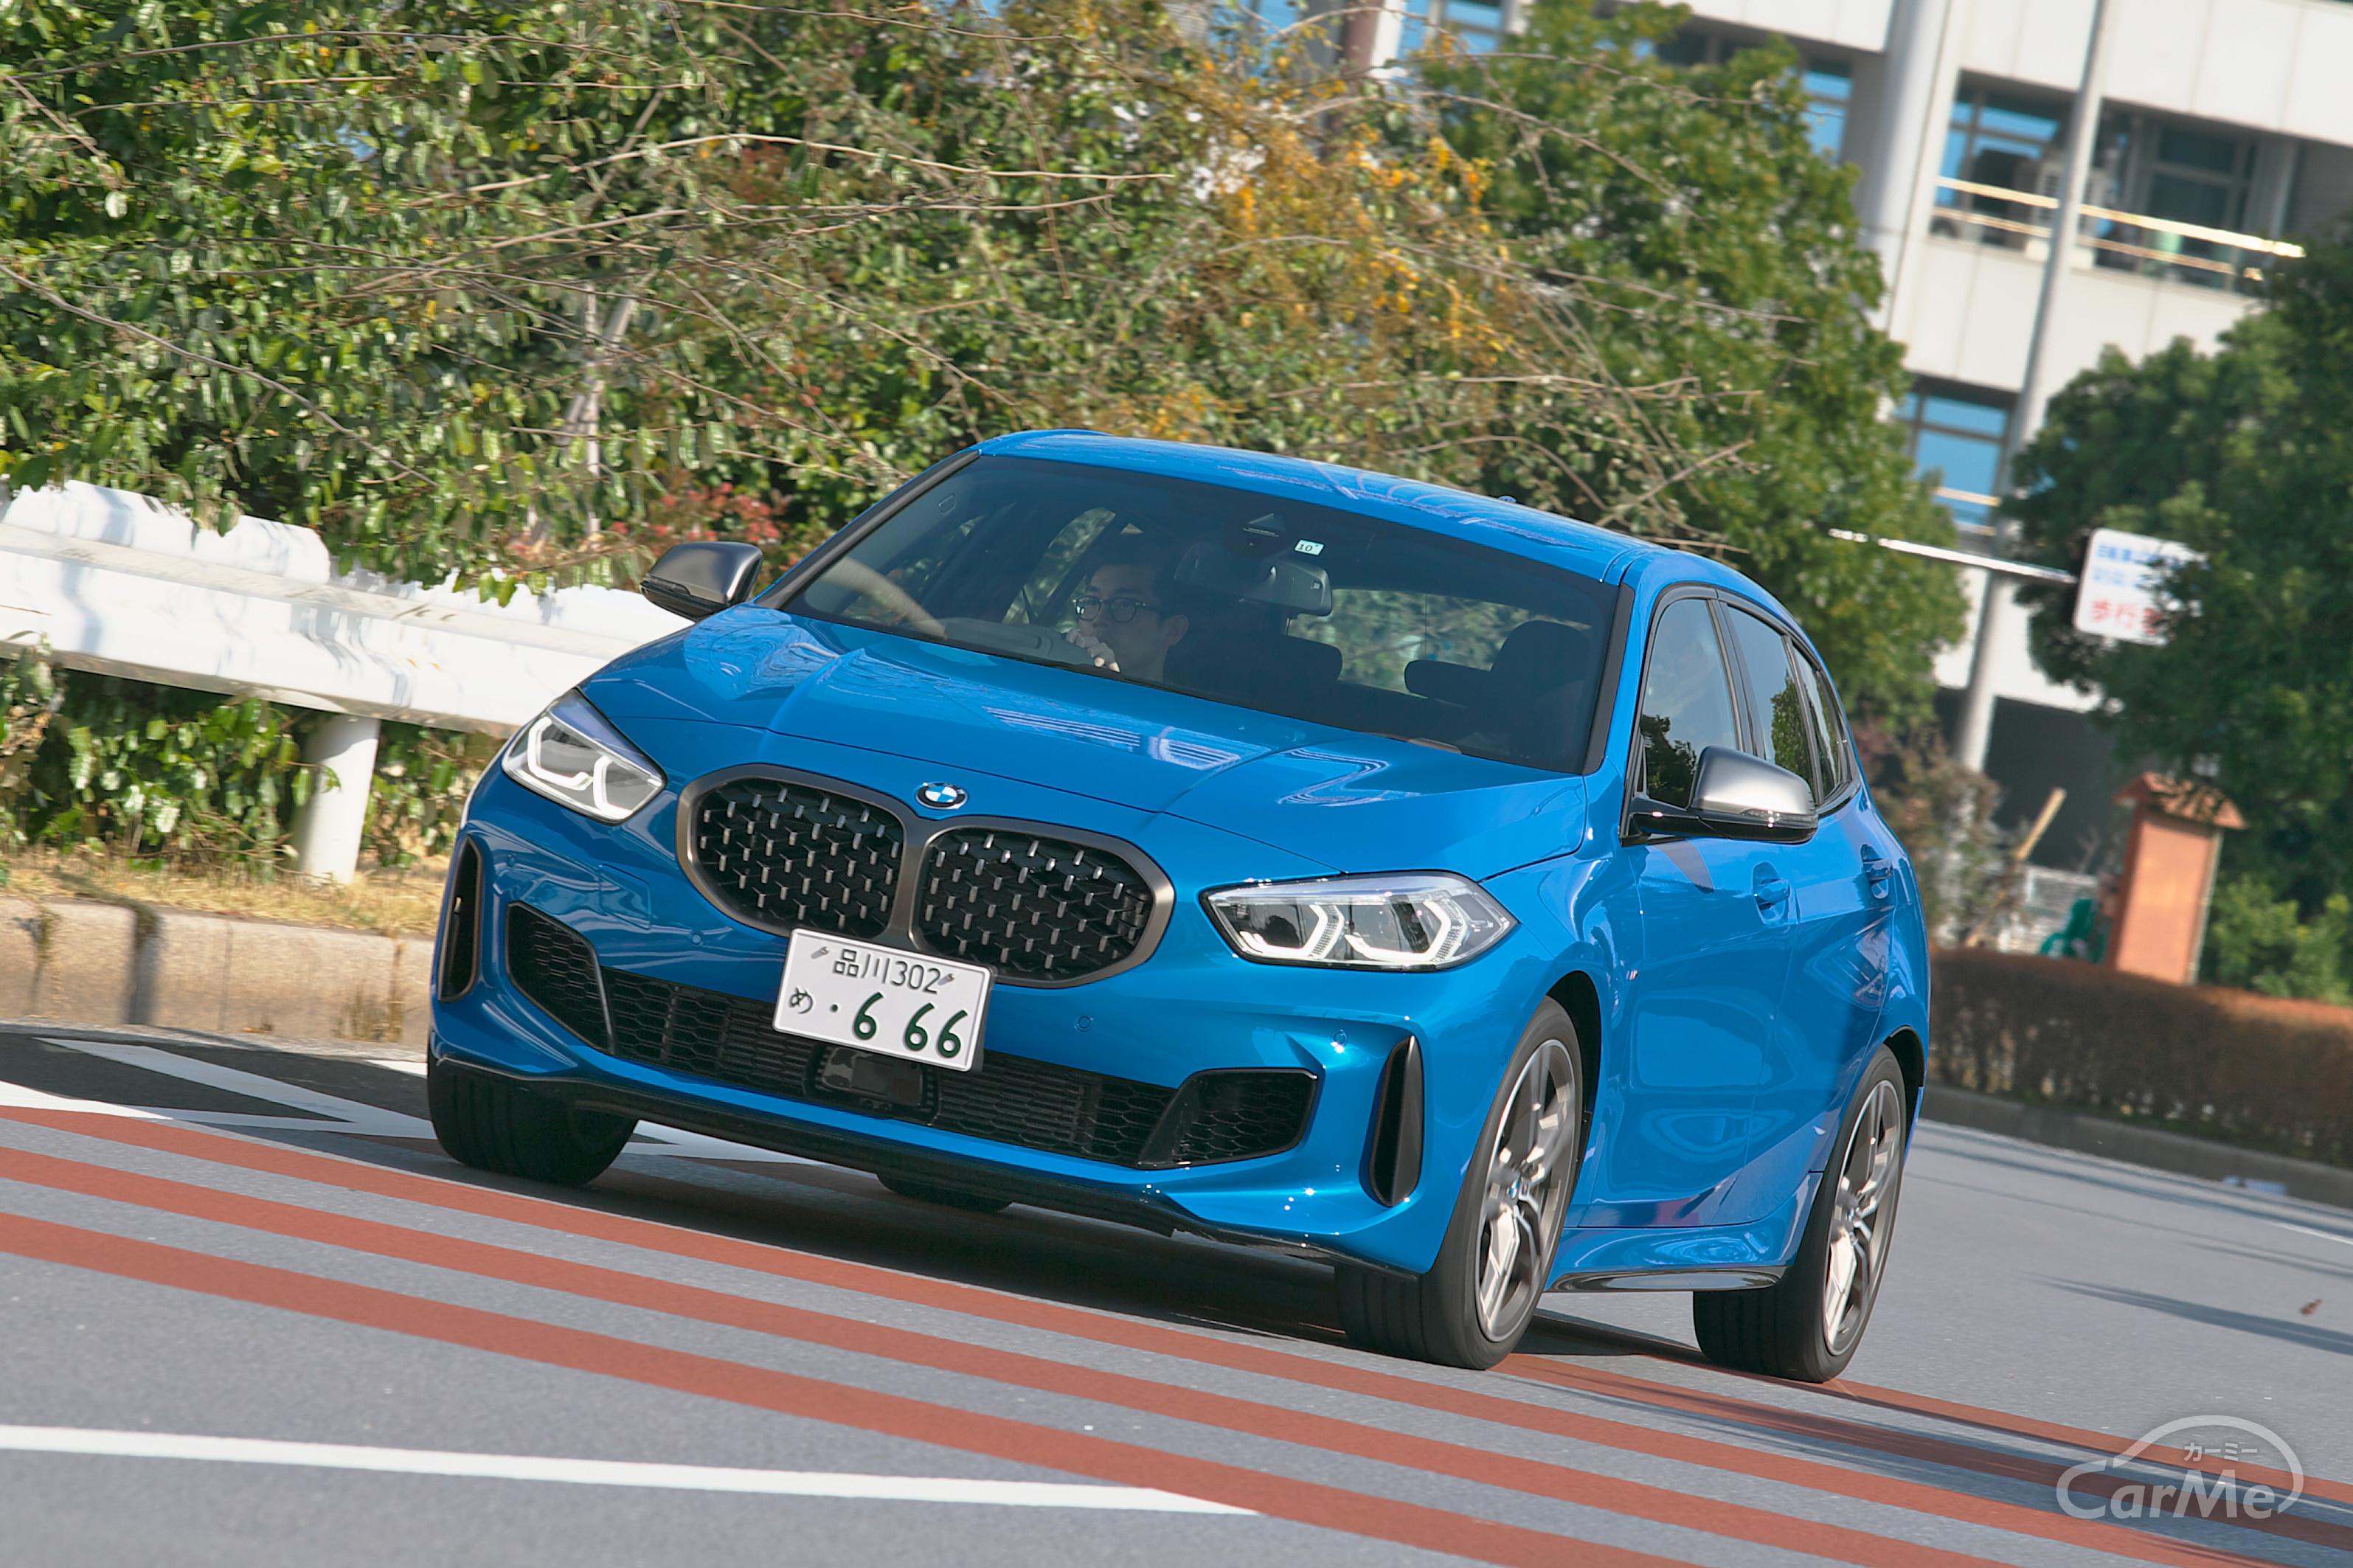 【プロ徹底解説】勝手にバックしてくれる?BMW 新型1シリーズに搭載される先進の運転支援システムをご紹介